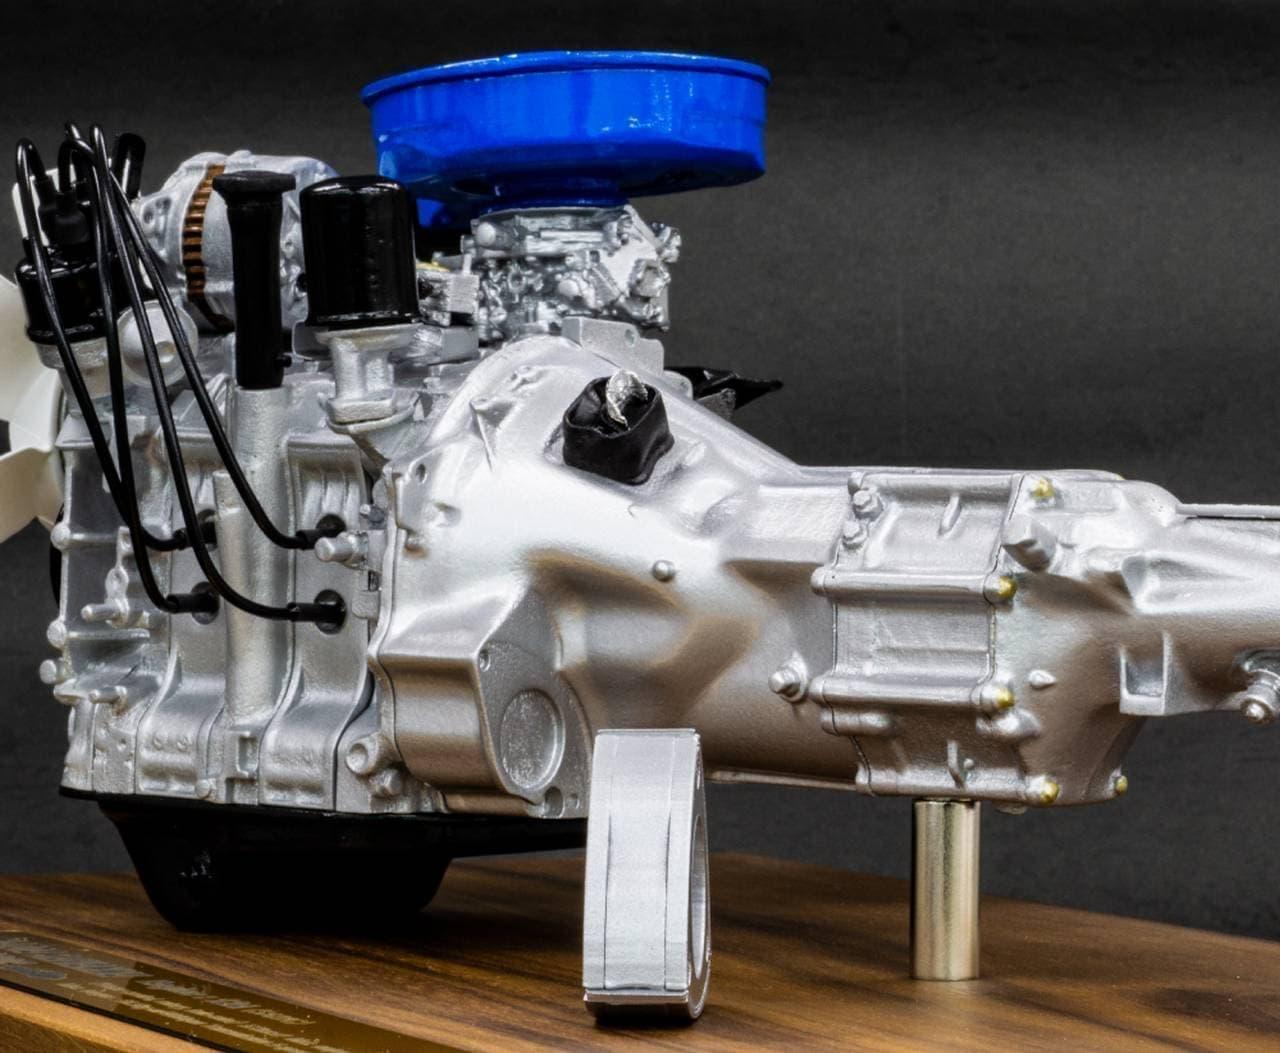 サバンナRX-7の12A型エンジン1/6スケールモデル、数量限定販売